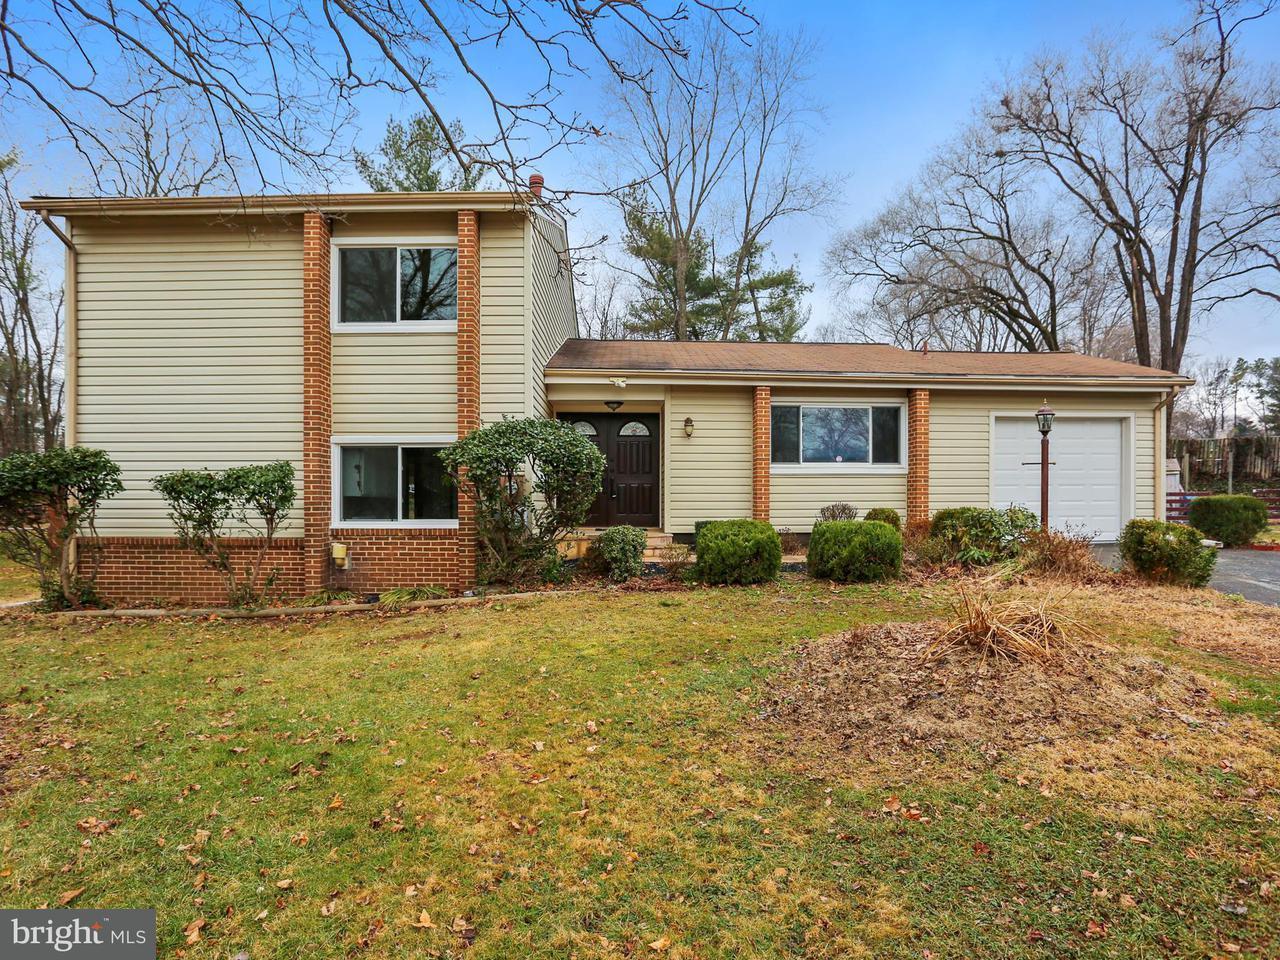 独户住宅 为 销售 在 17701 Millcrest Drive 17701 Millcrest Drive Derwood, 马里兰州 20855 美国